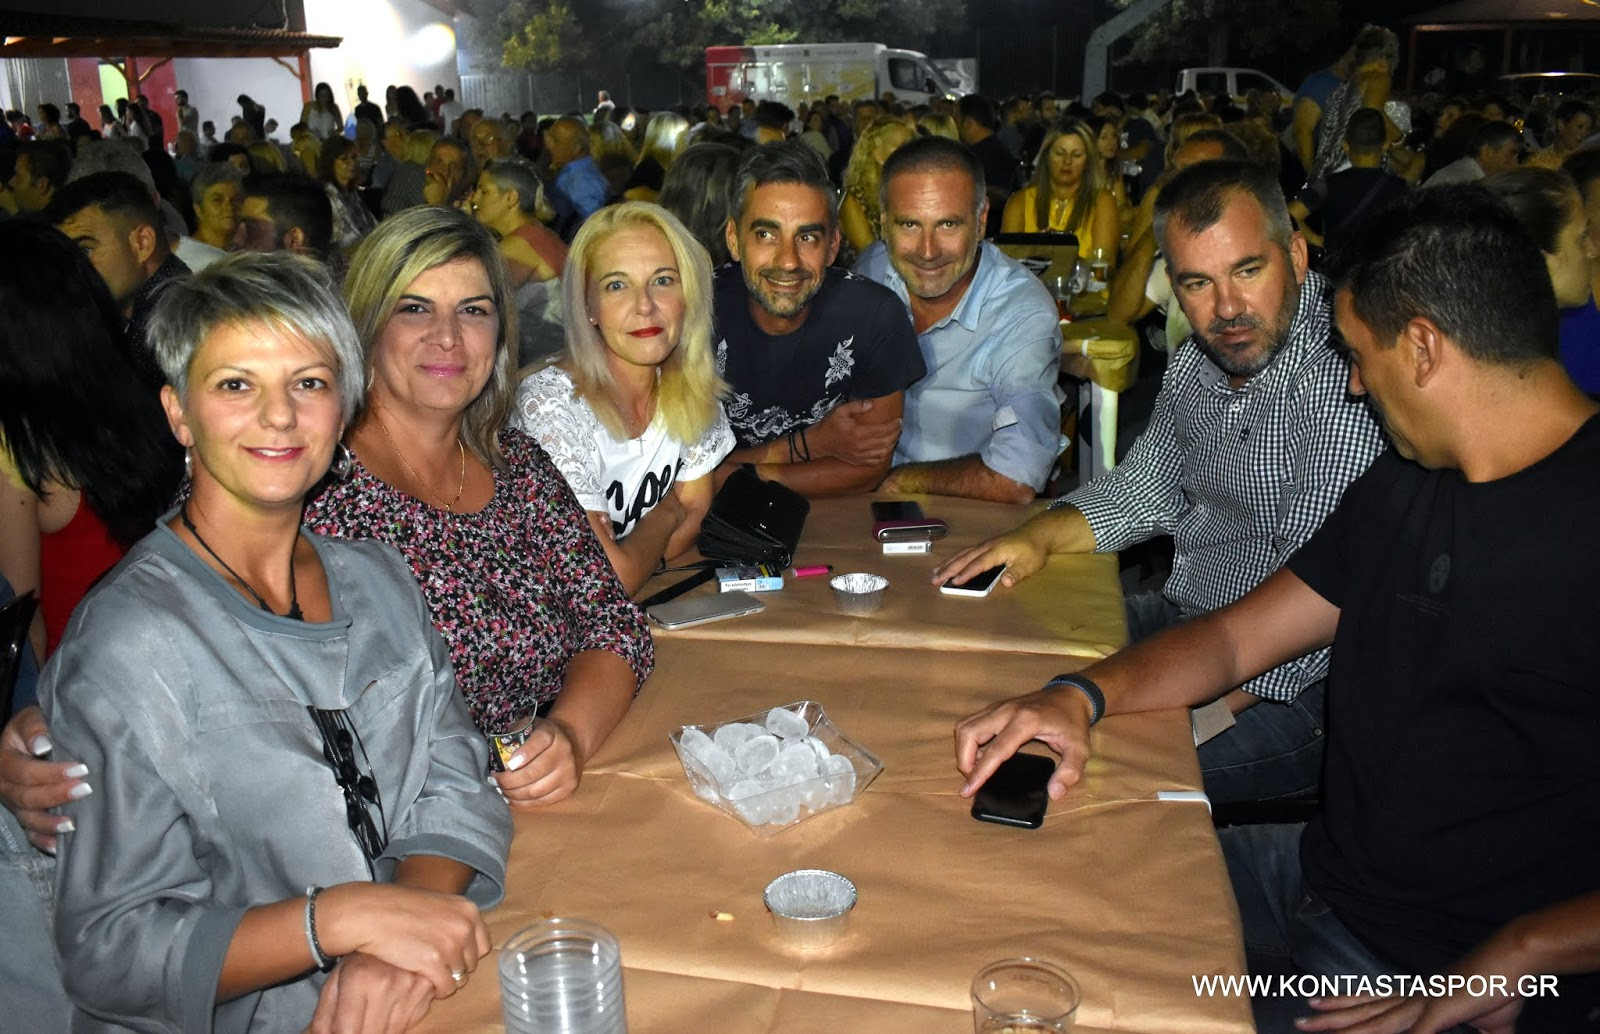 Με επιτυχία η λαική βραδιά  Αδαμαντίδη στα Ψαχνά (φωτογραφίες) 1 DSC 0069